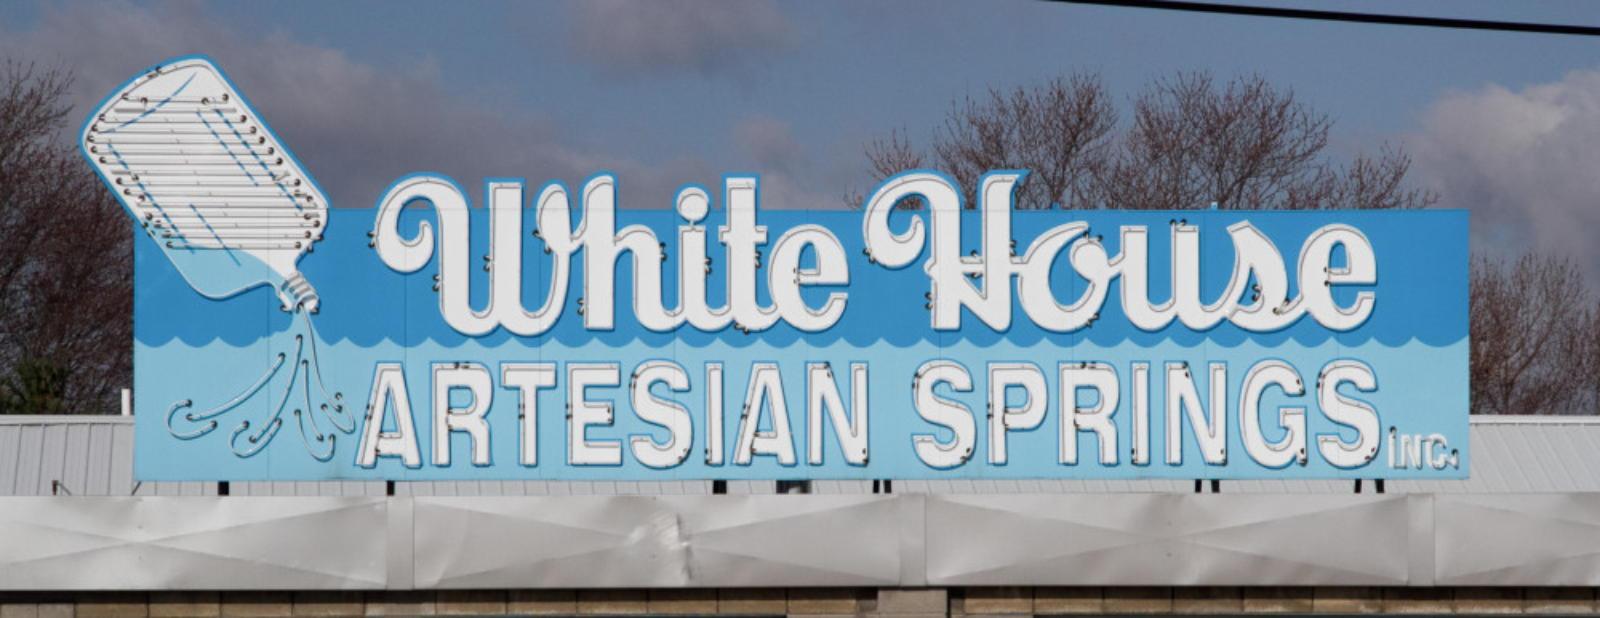 White House Exterior-0037-195